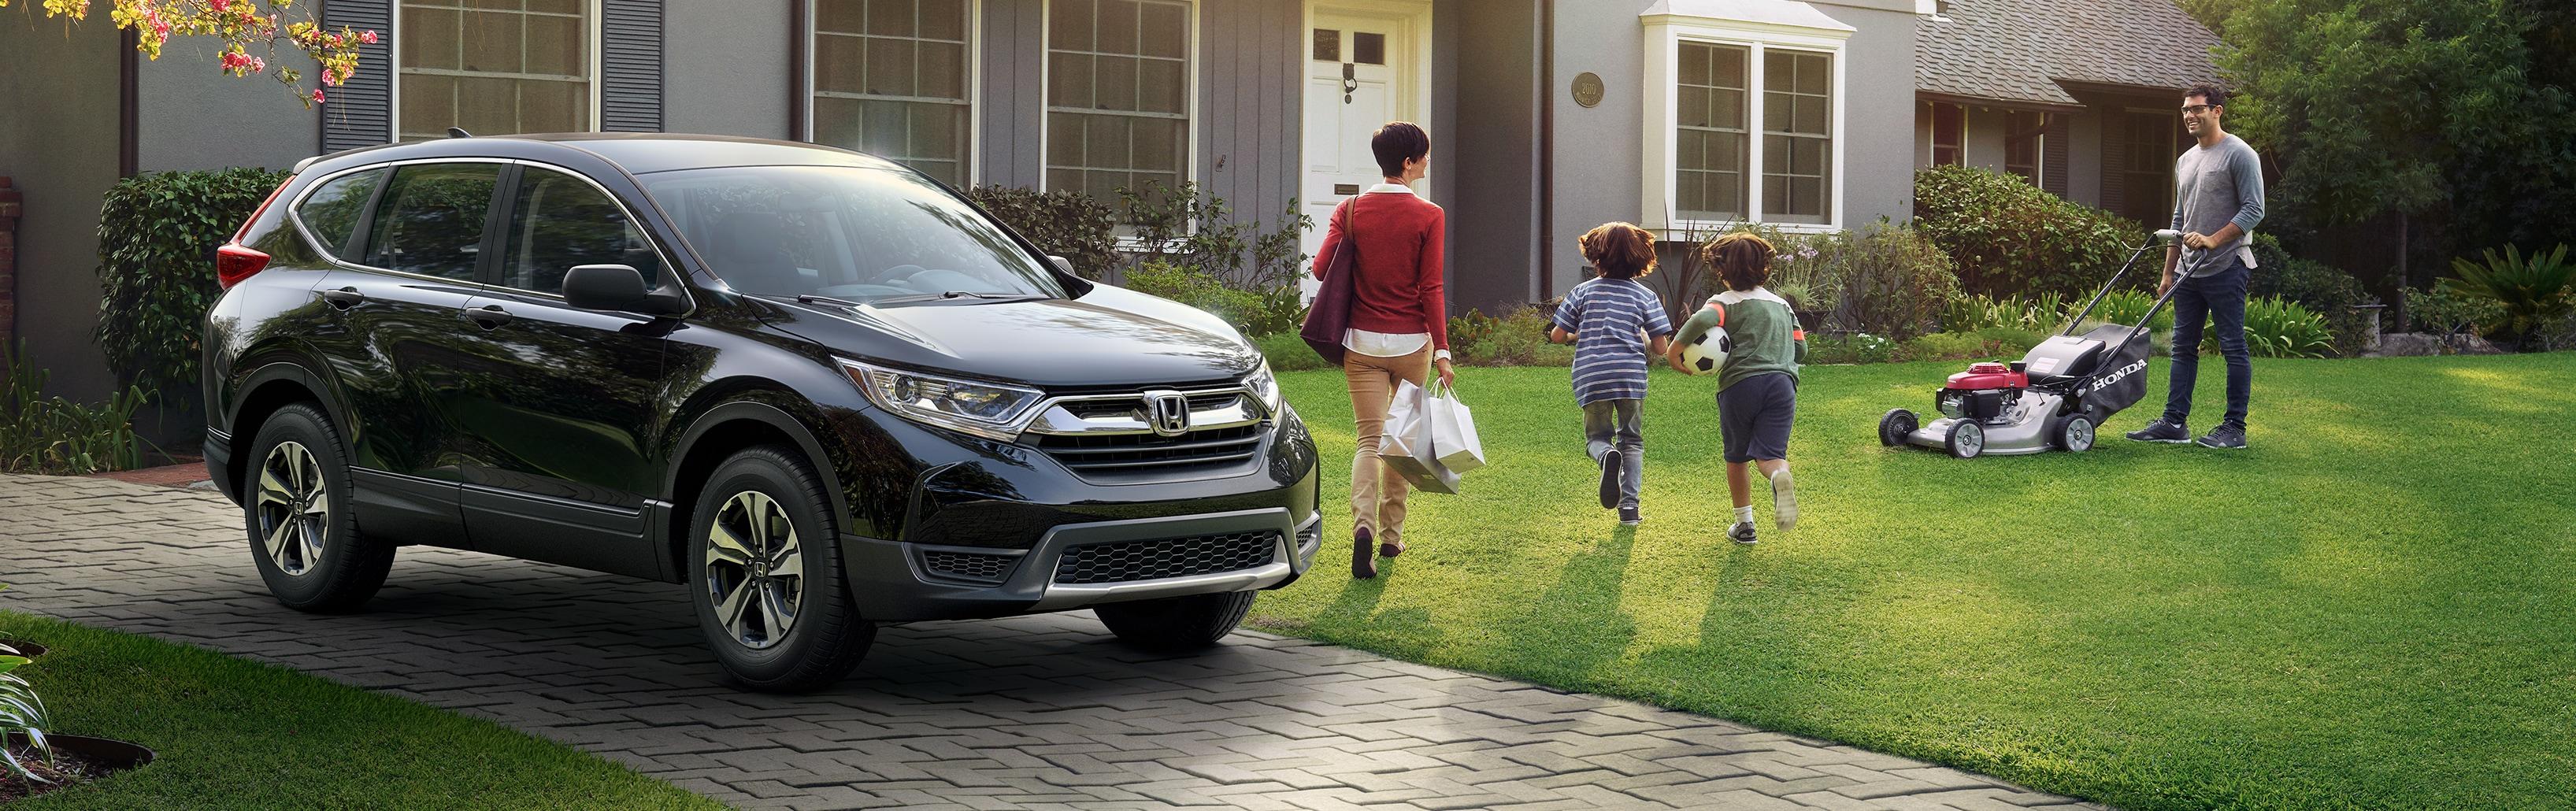 Honda Dealers In Tennessee >> New Honda Cr V Suv For Sale Honda Dealer Near Nashville Tn